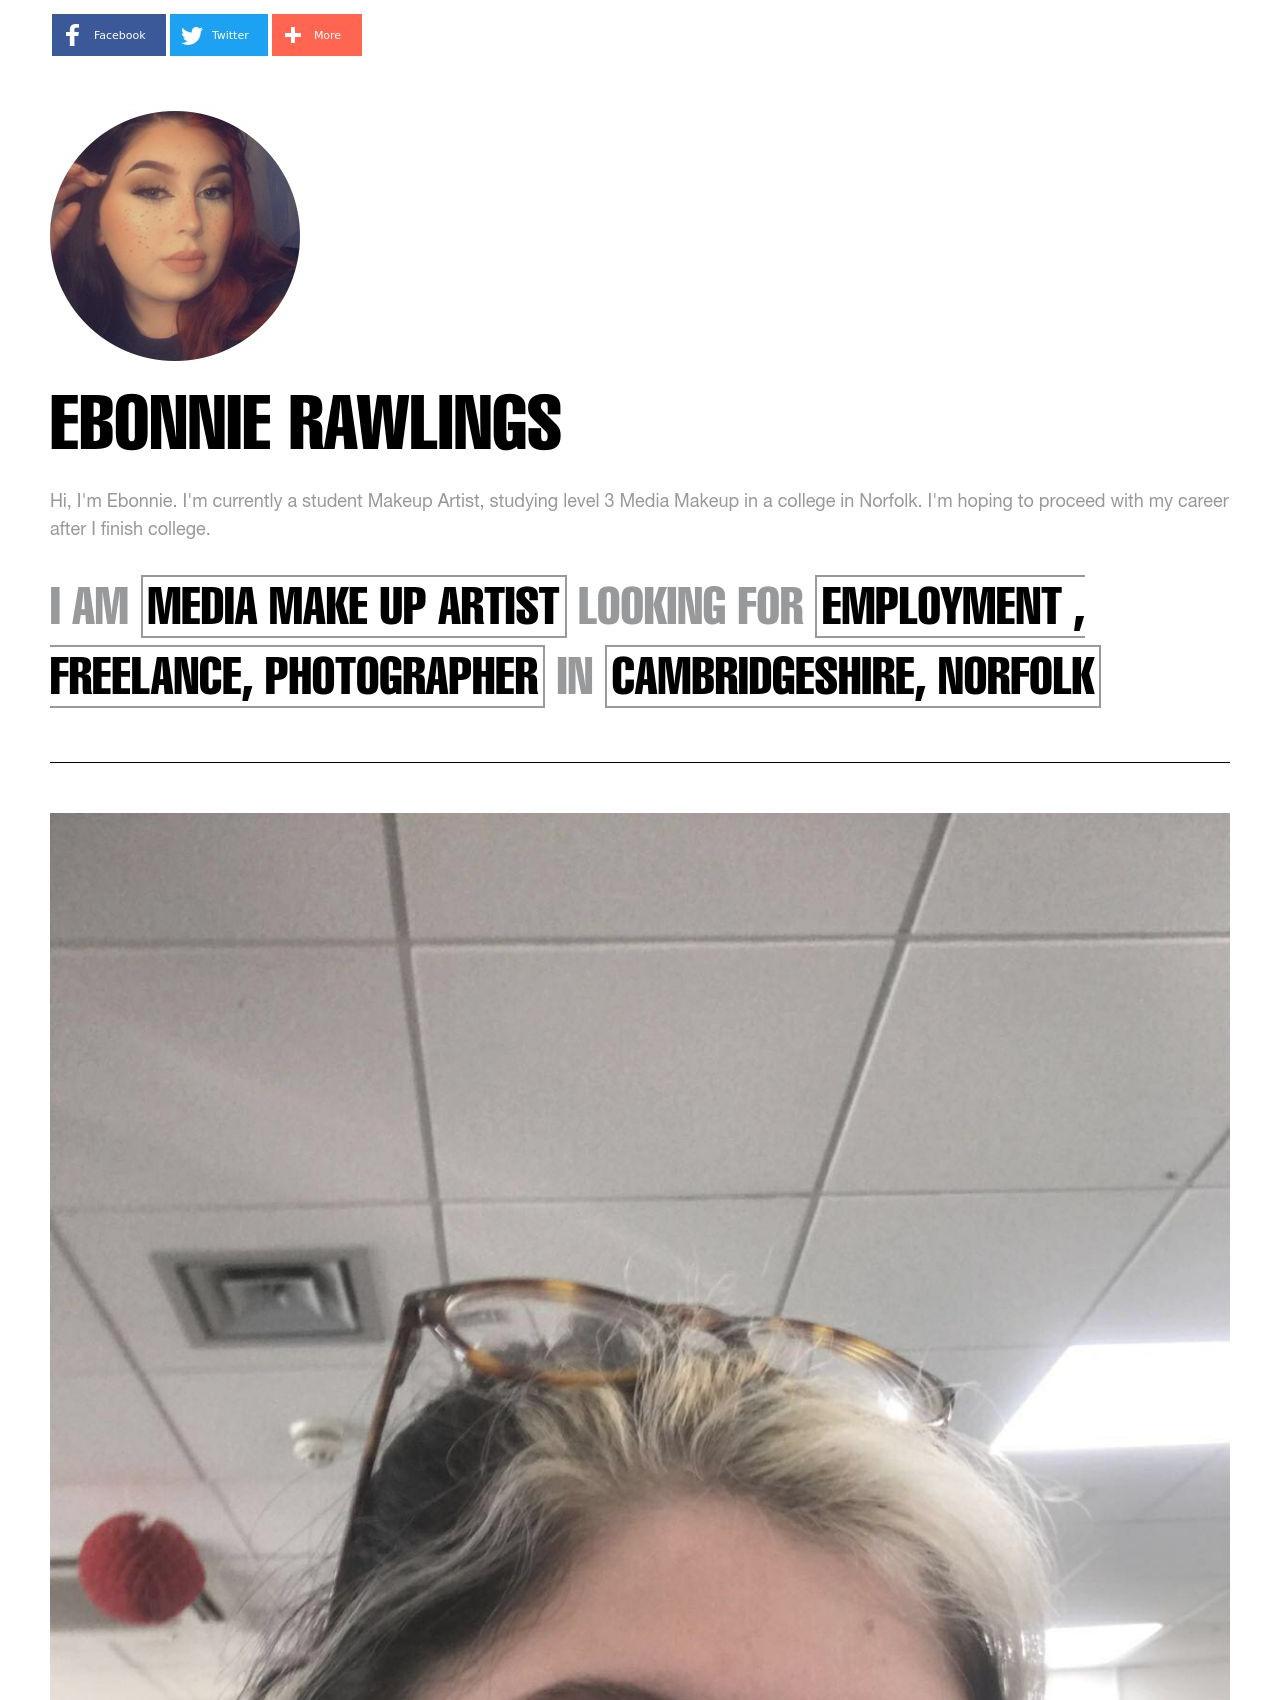 Ebonnie Rawlings